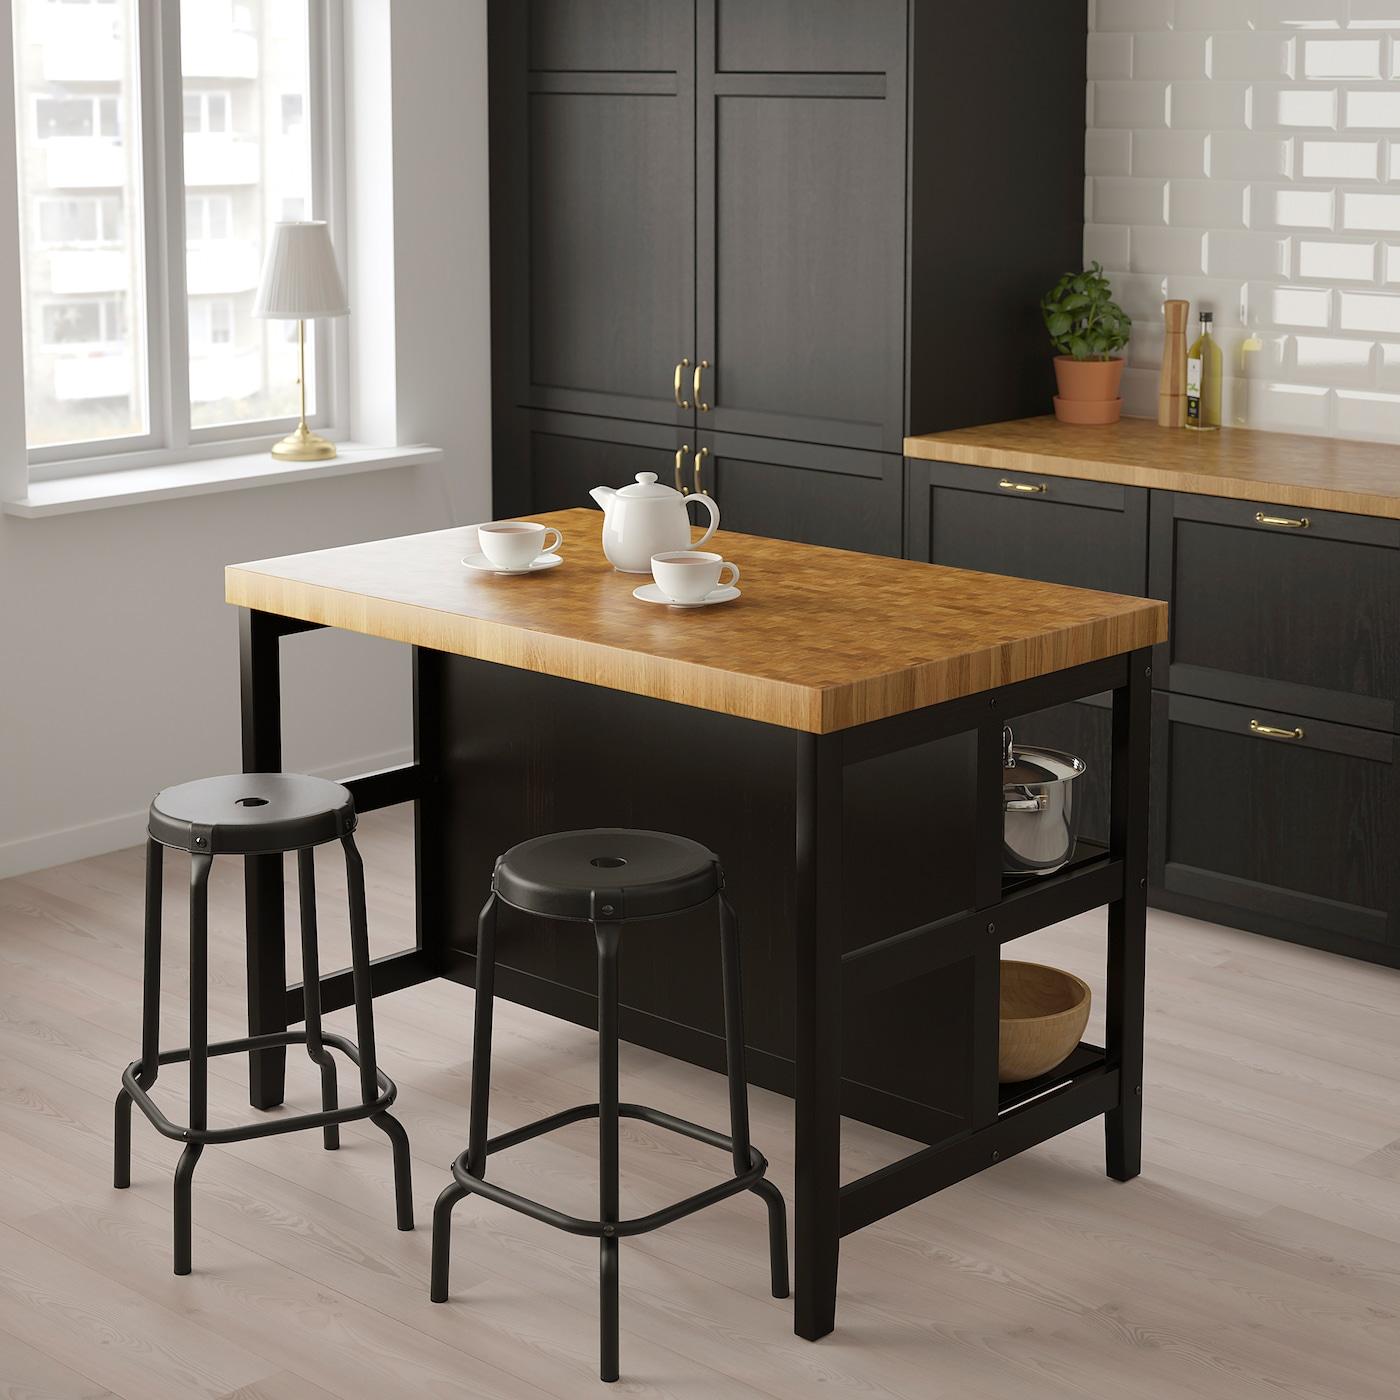 VADHOLMA Îlot pour cuisine - noir/chêne 14x14x14 cm